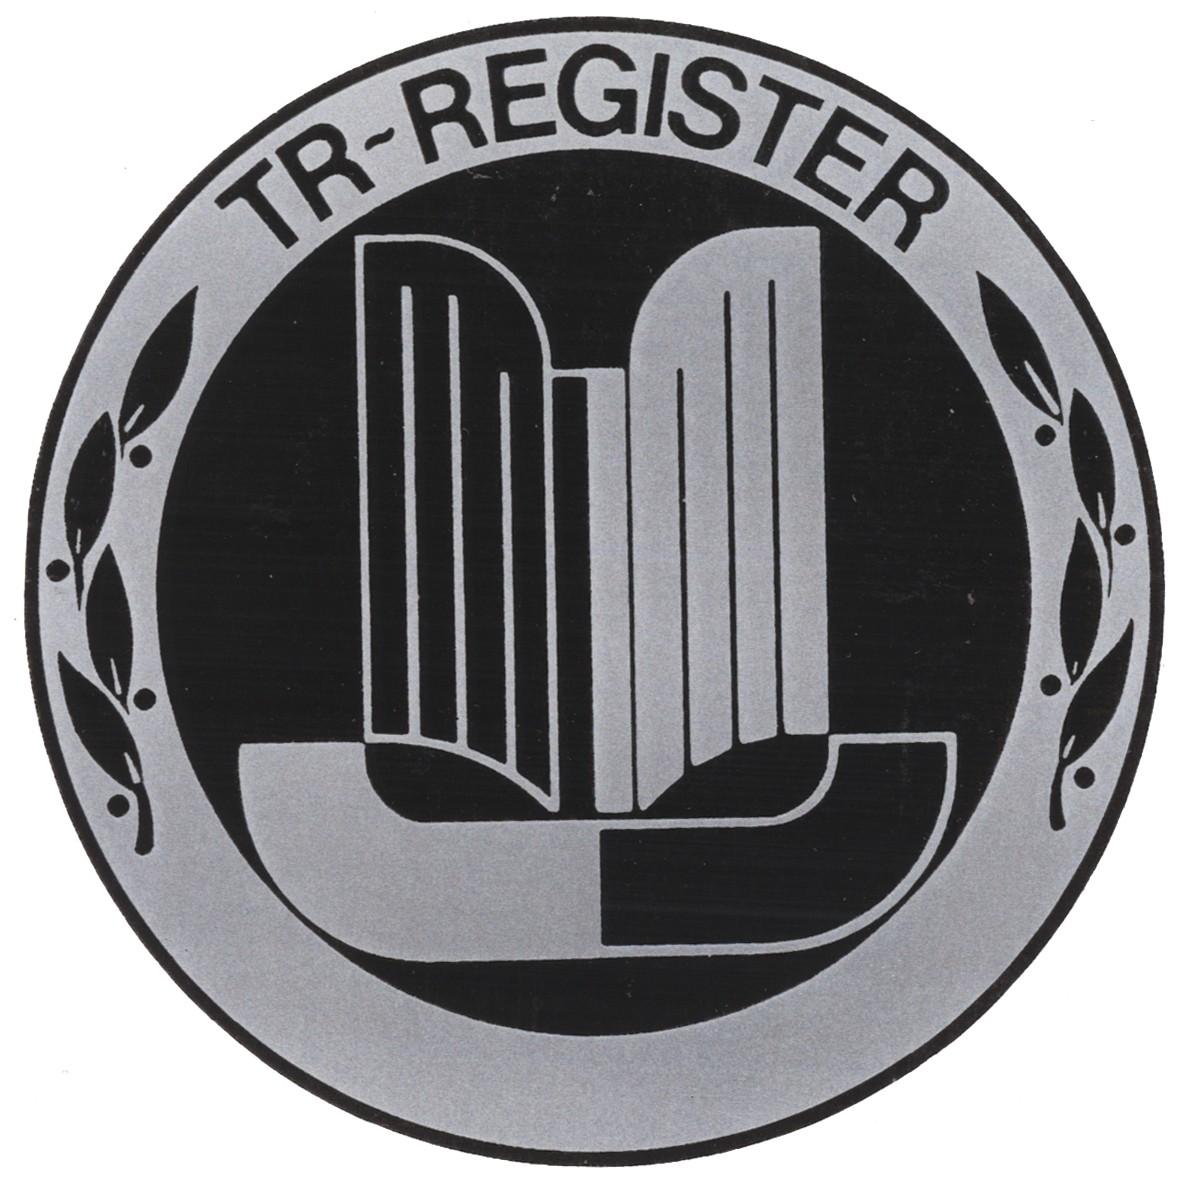 TR - Register